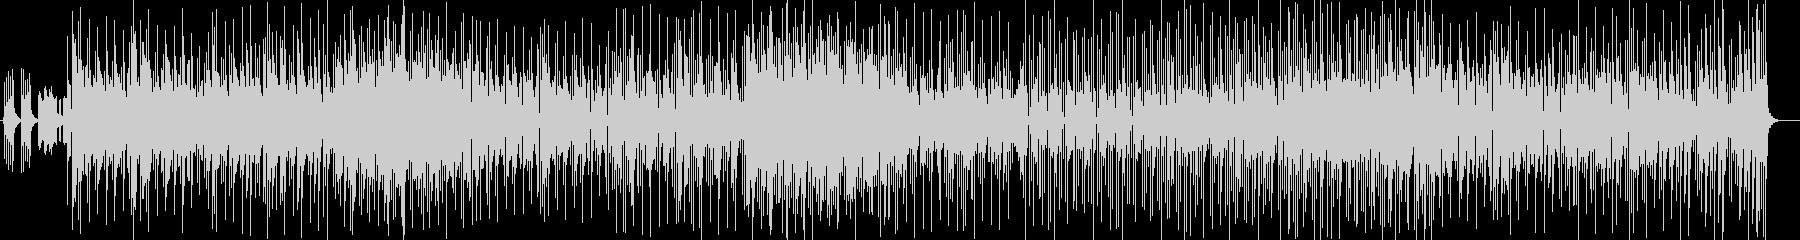 コミカルな登場木琴シンセサイザー曲の未再生の波形